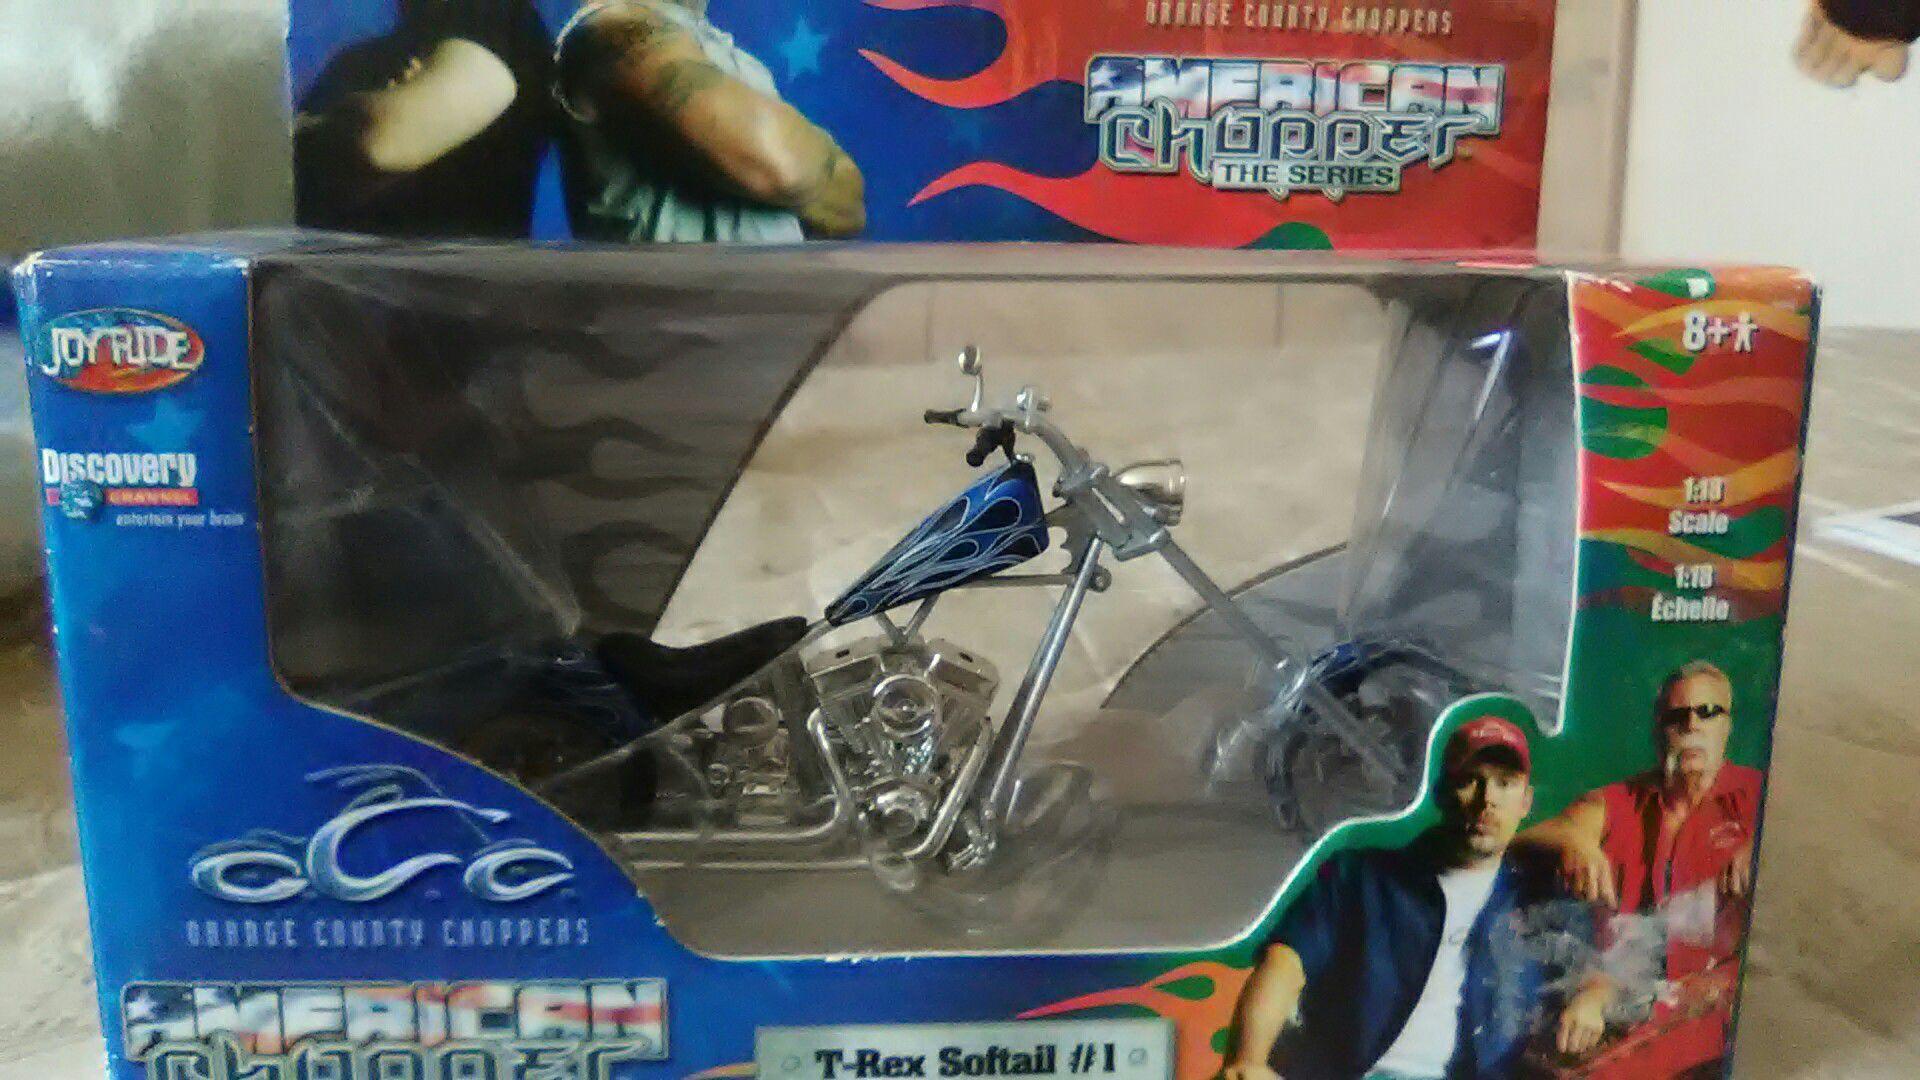 American chopper T-Rex Softail toy chopper.